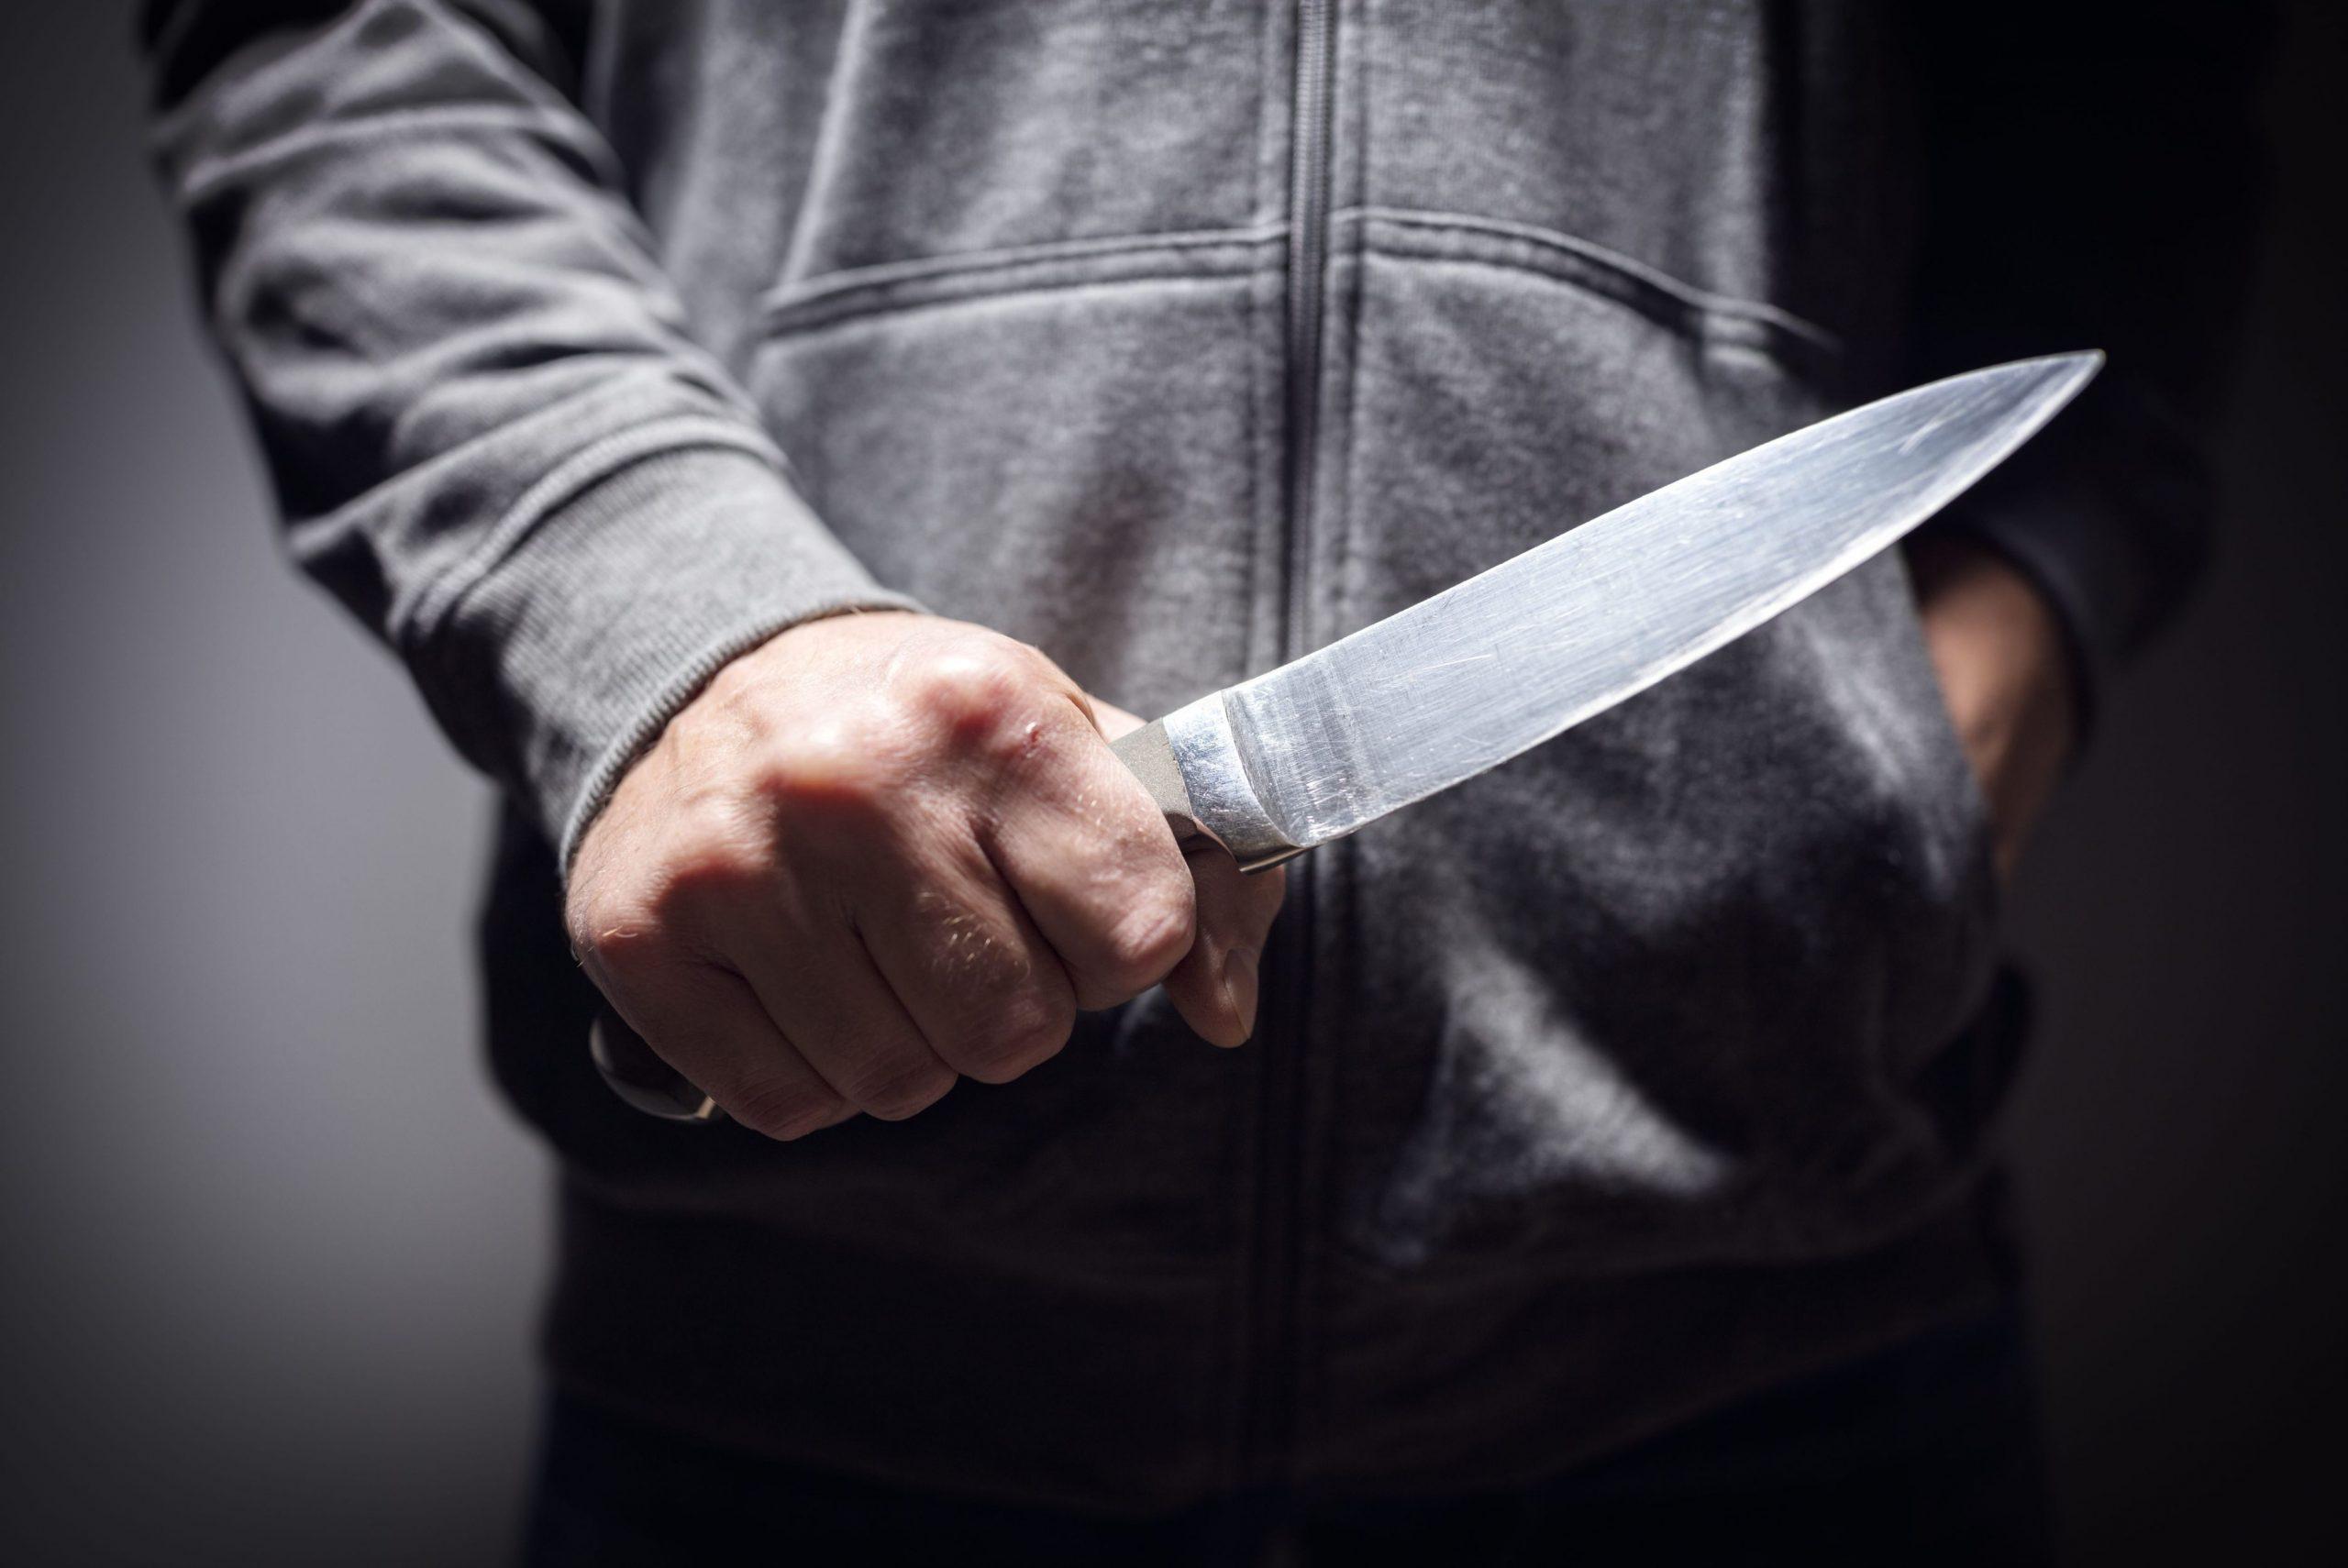 Підозрюваний в умисному вбивстві лучанин перебуватиме під вартою